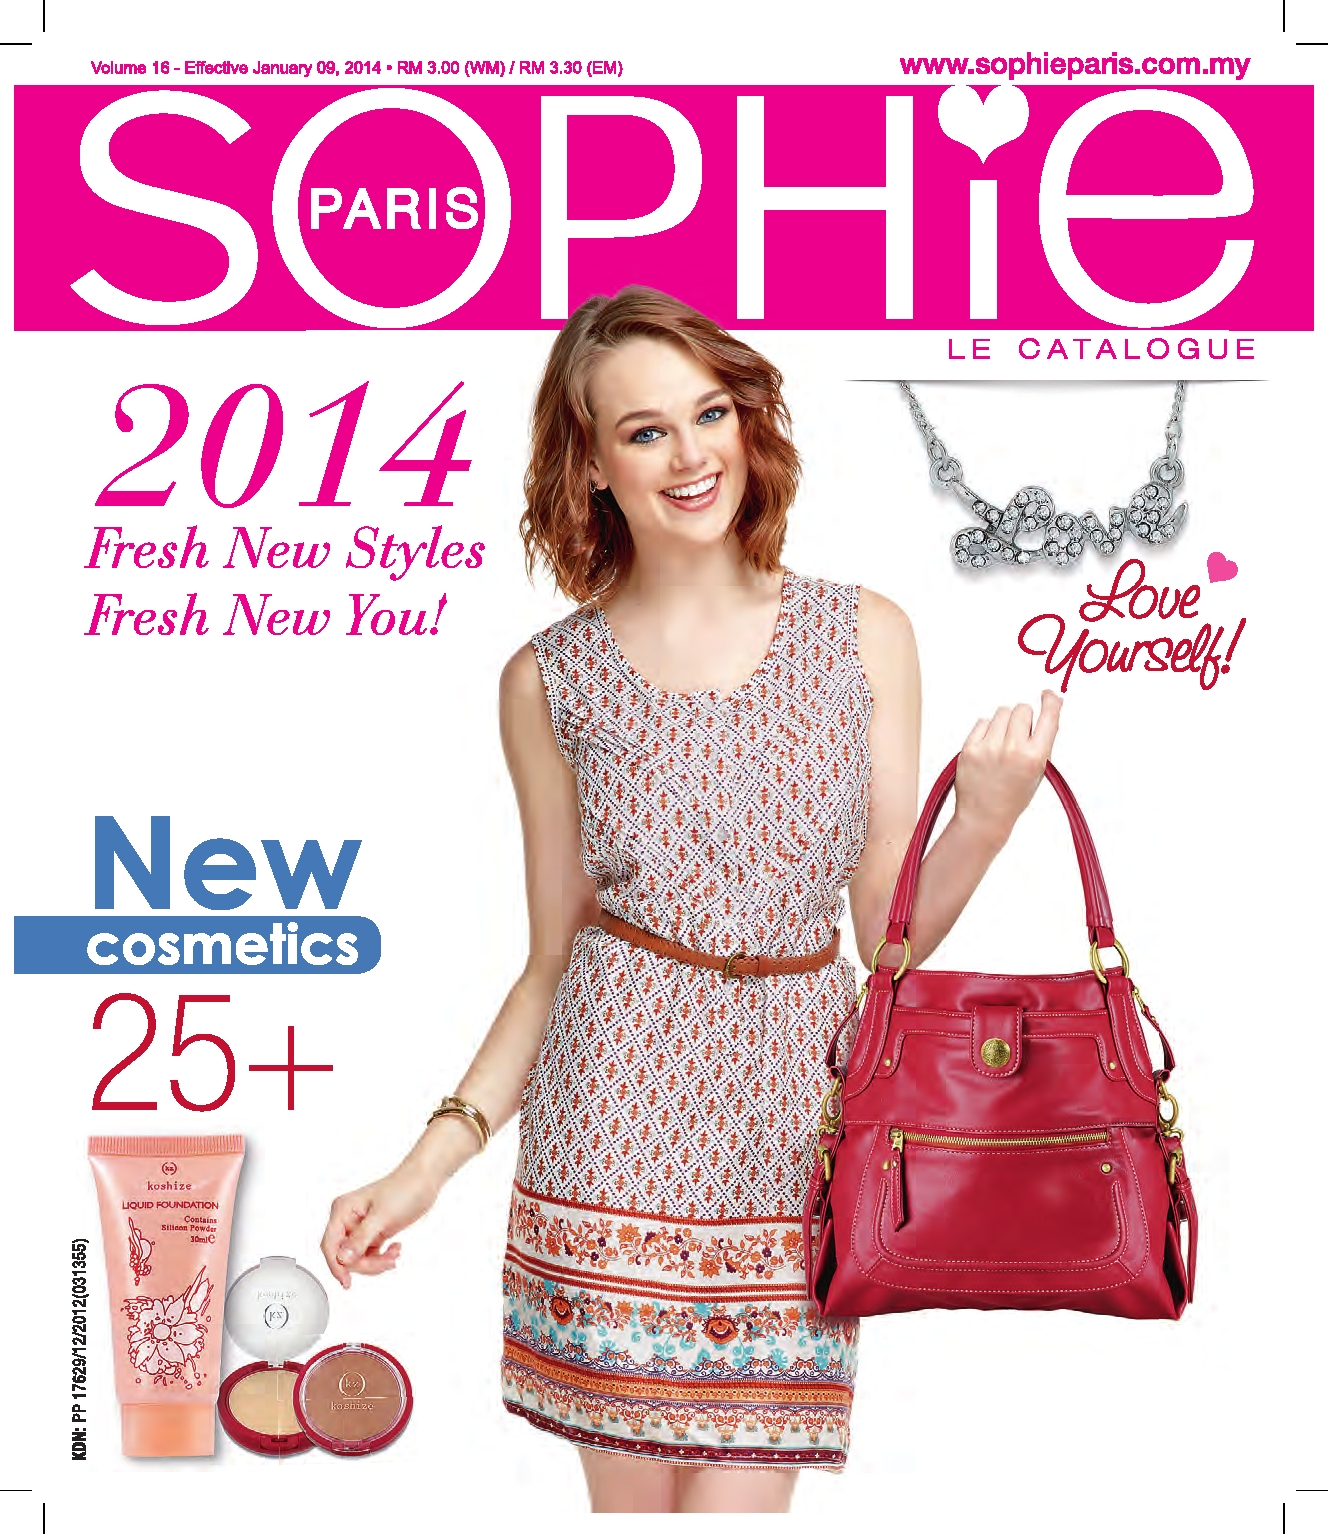 sophie by sophie online